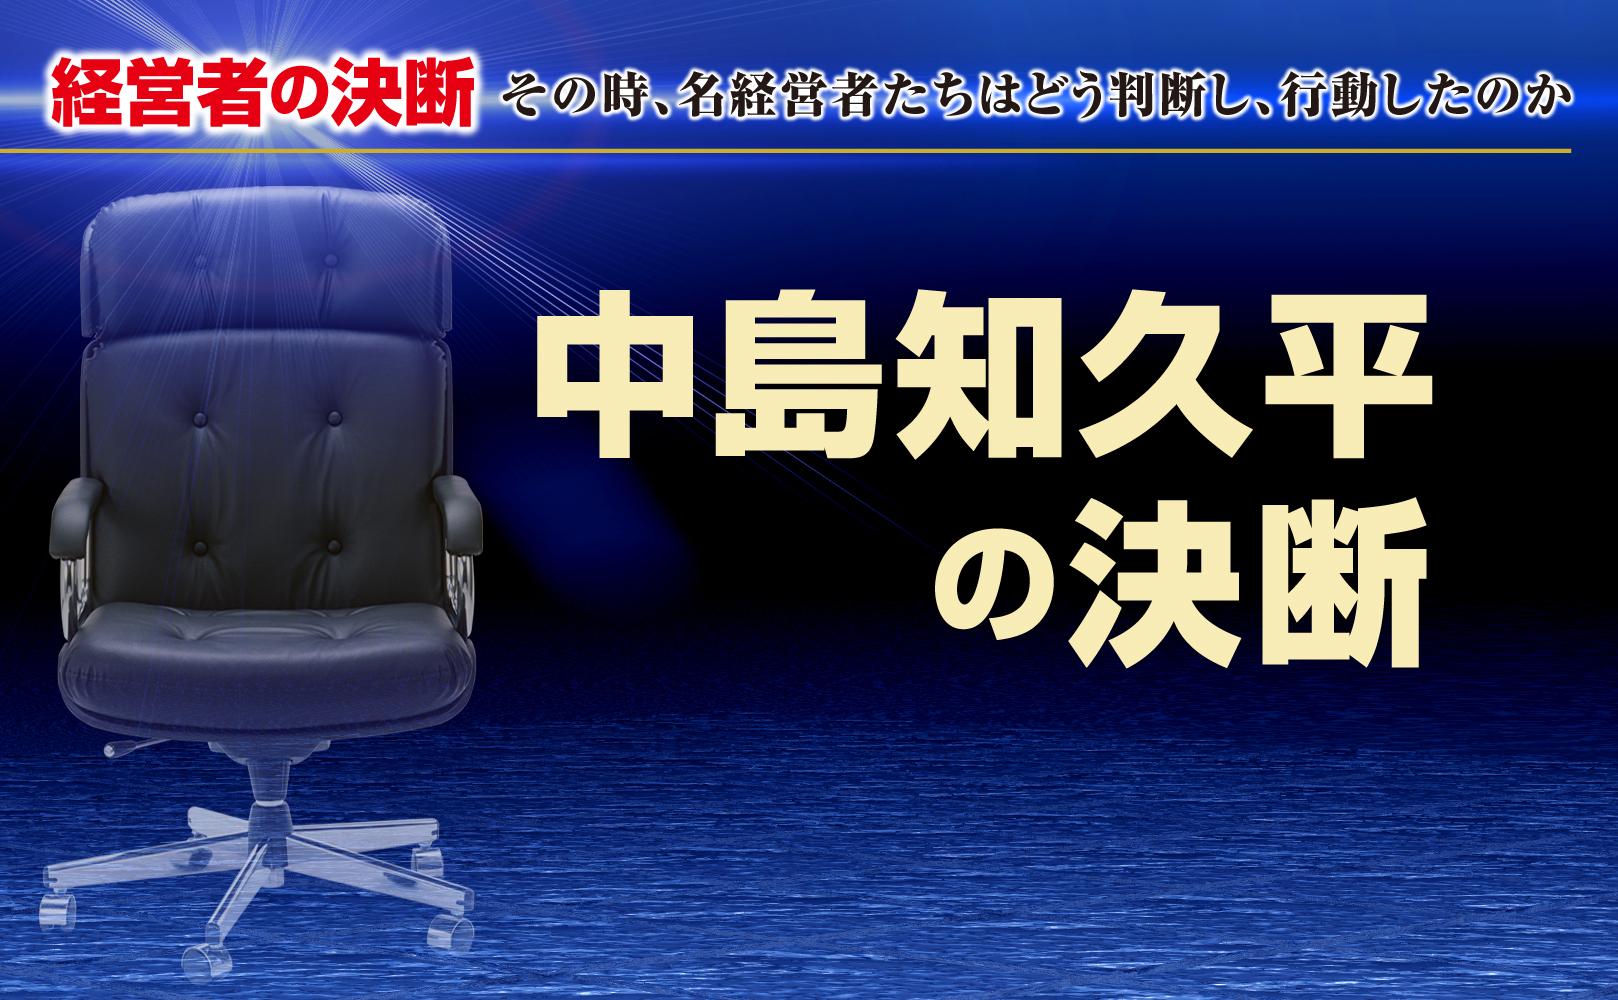 中島知久平、民間企業による飛行機製造を志す